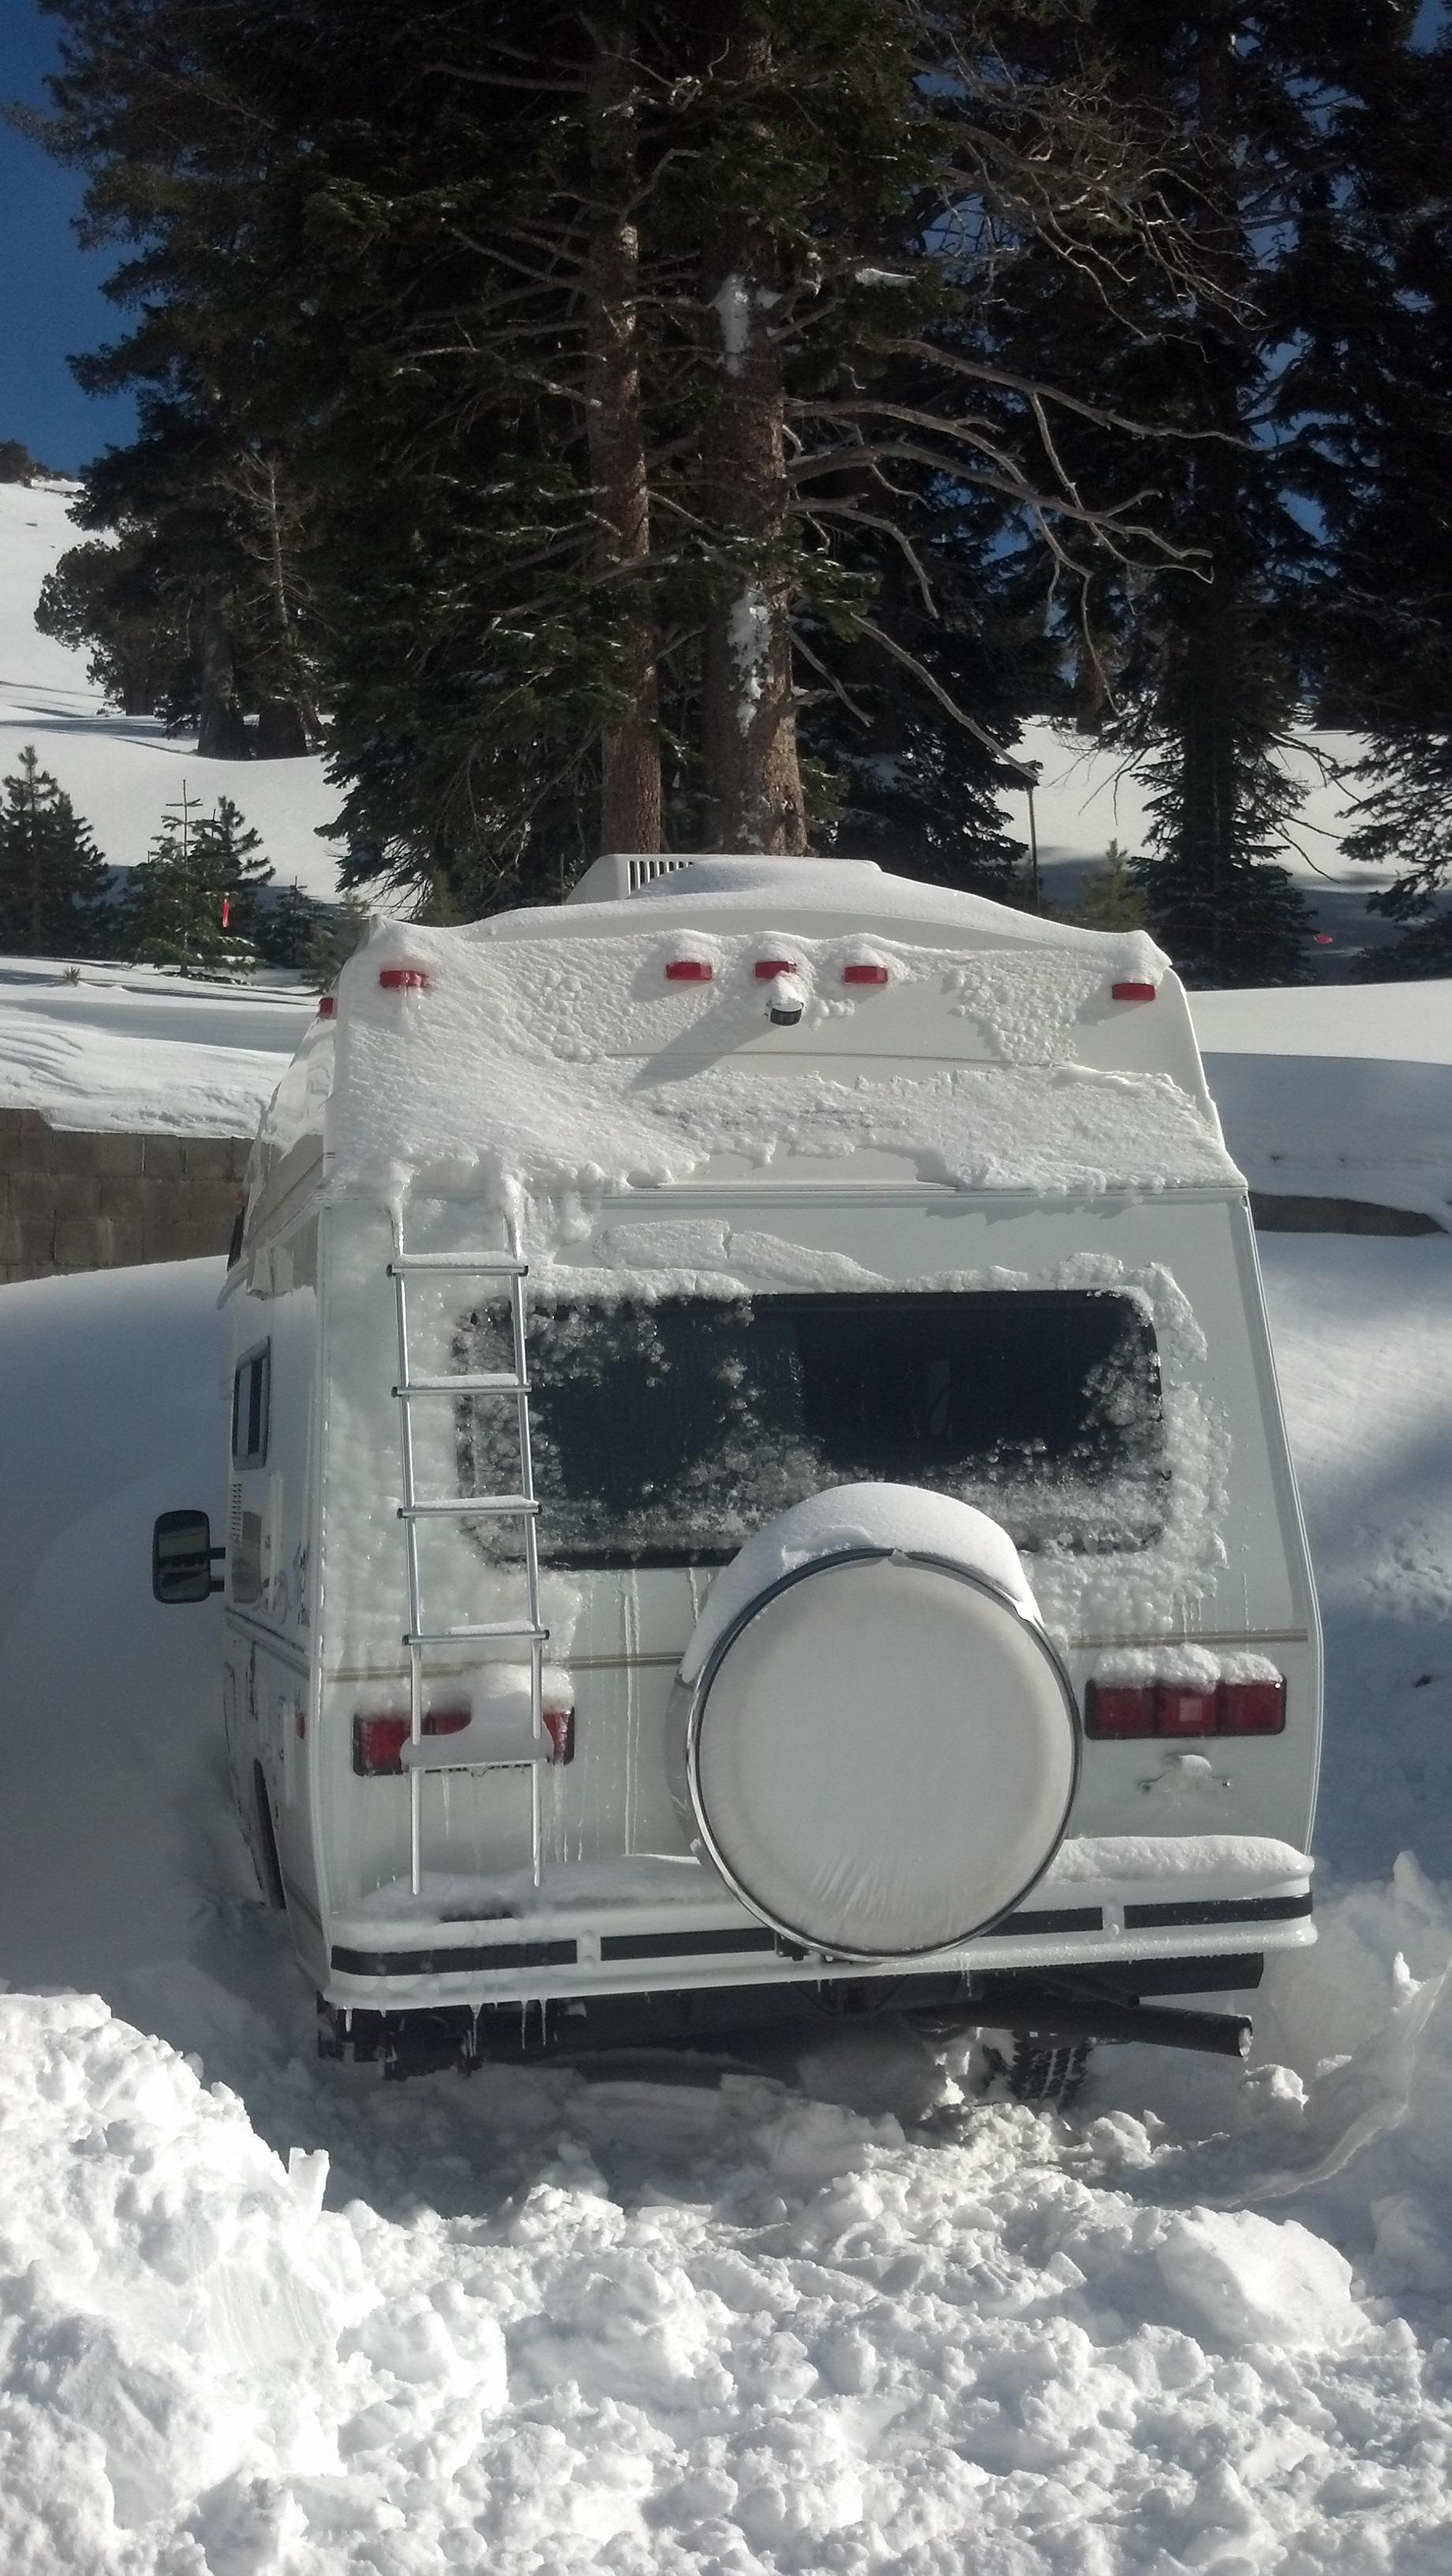 Tigger under snow